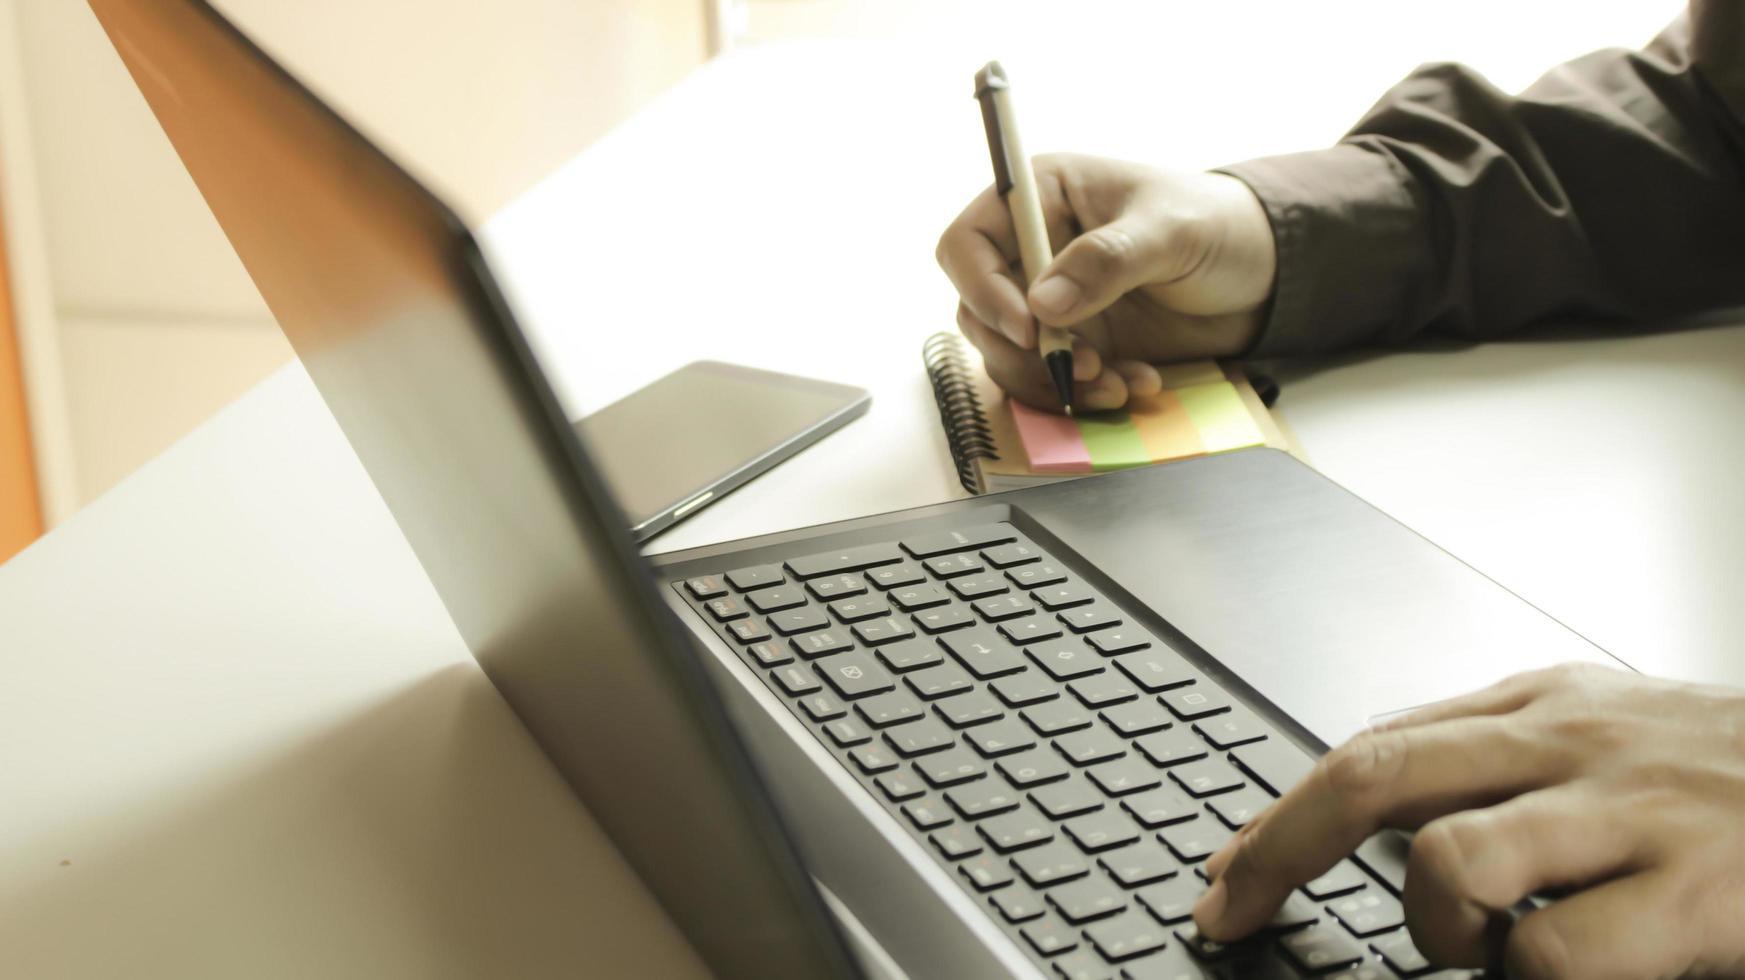 persona tomando notas desde la computadora portátil foto